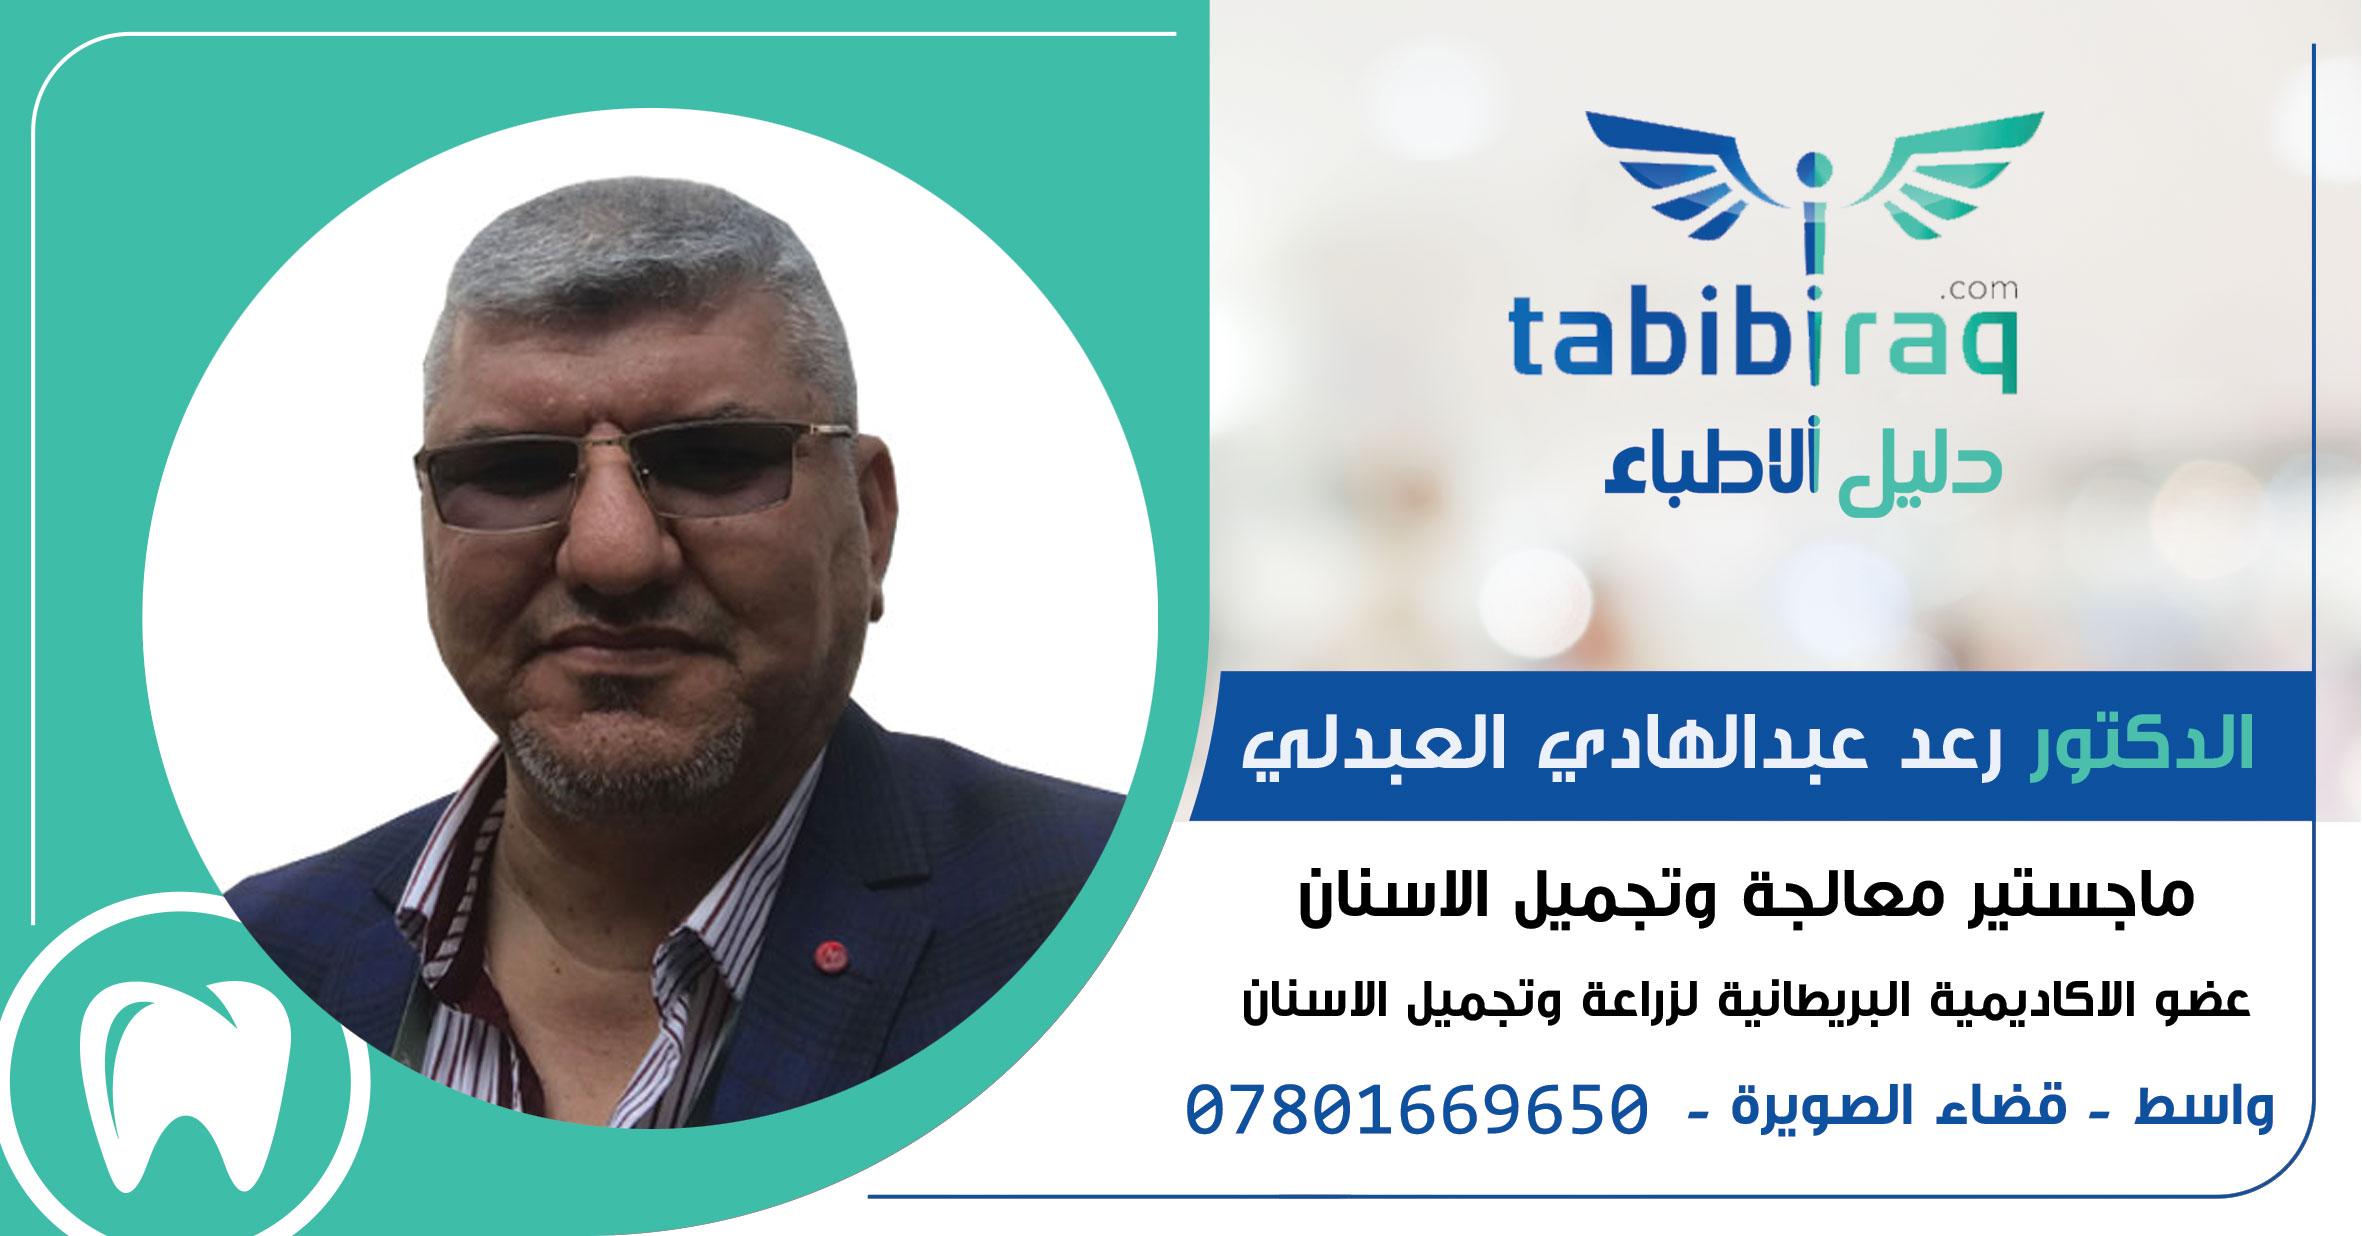 الدكتور رعد عبدالهادي العبدلي